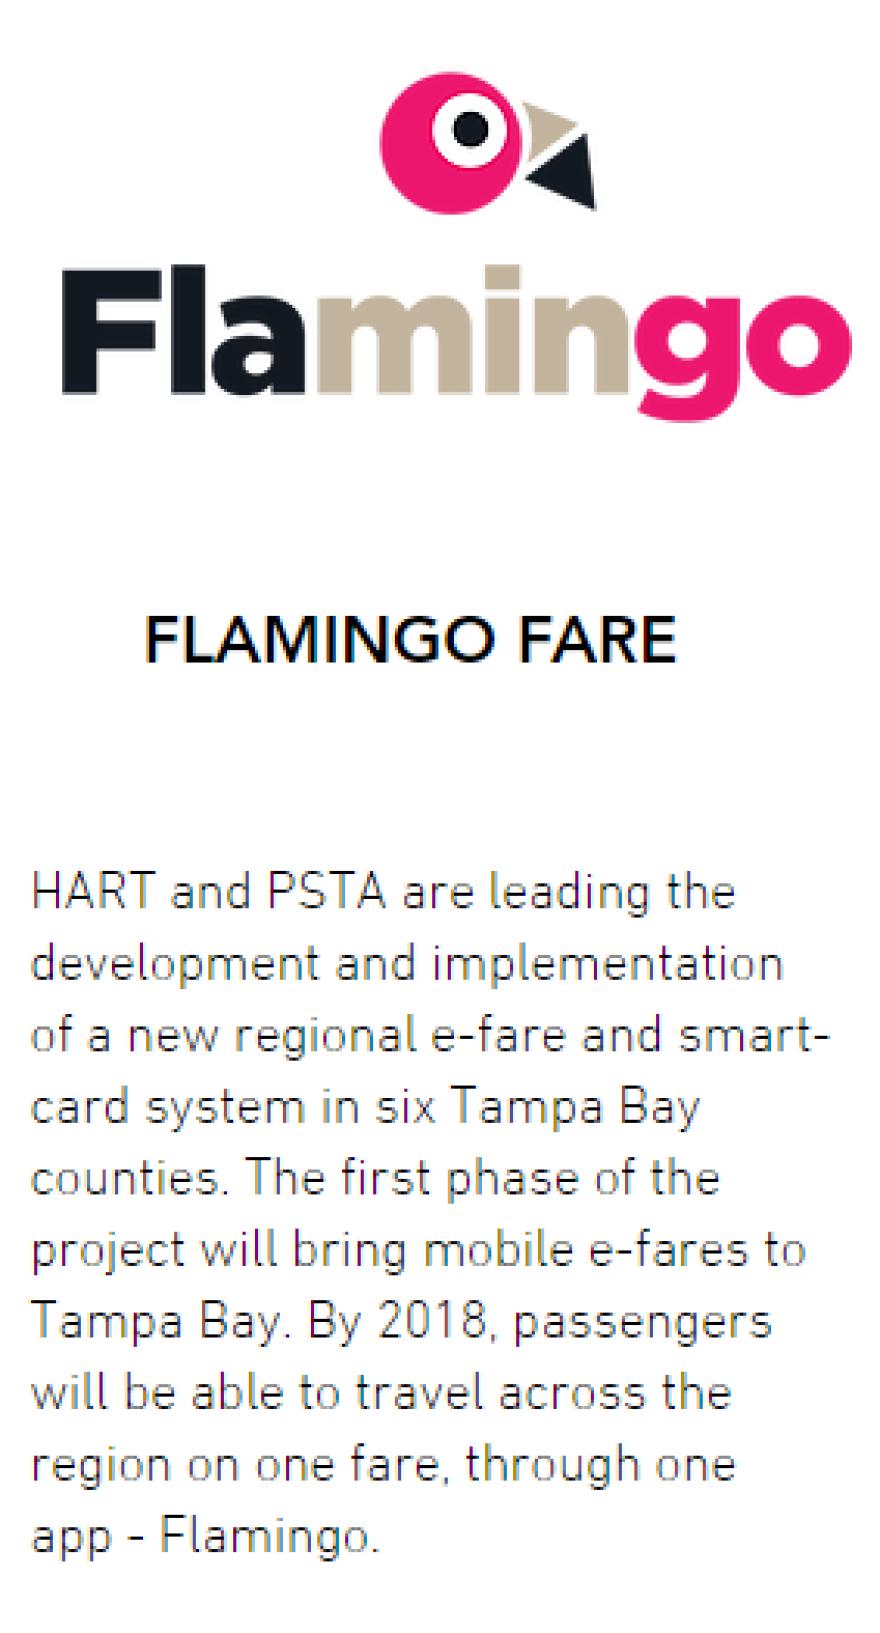 flamingo_fare.png